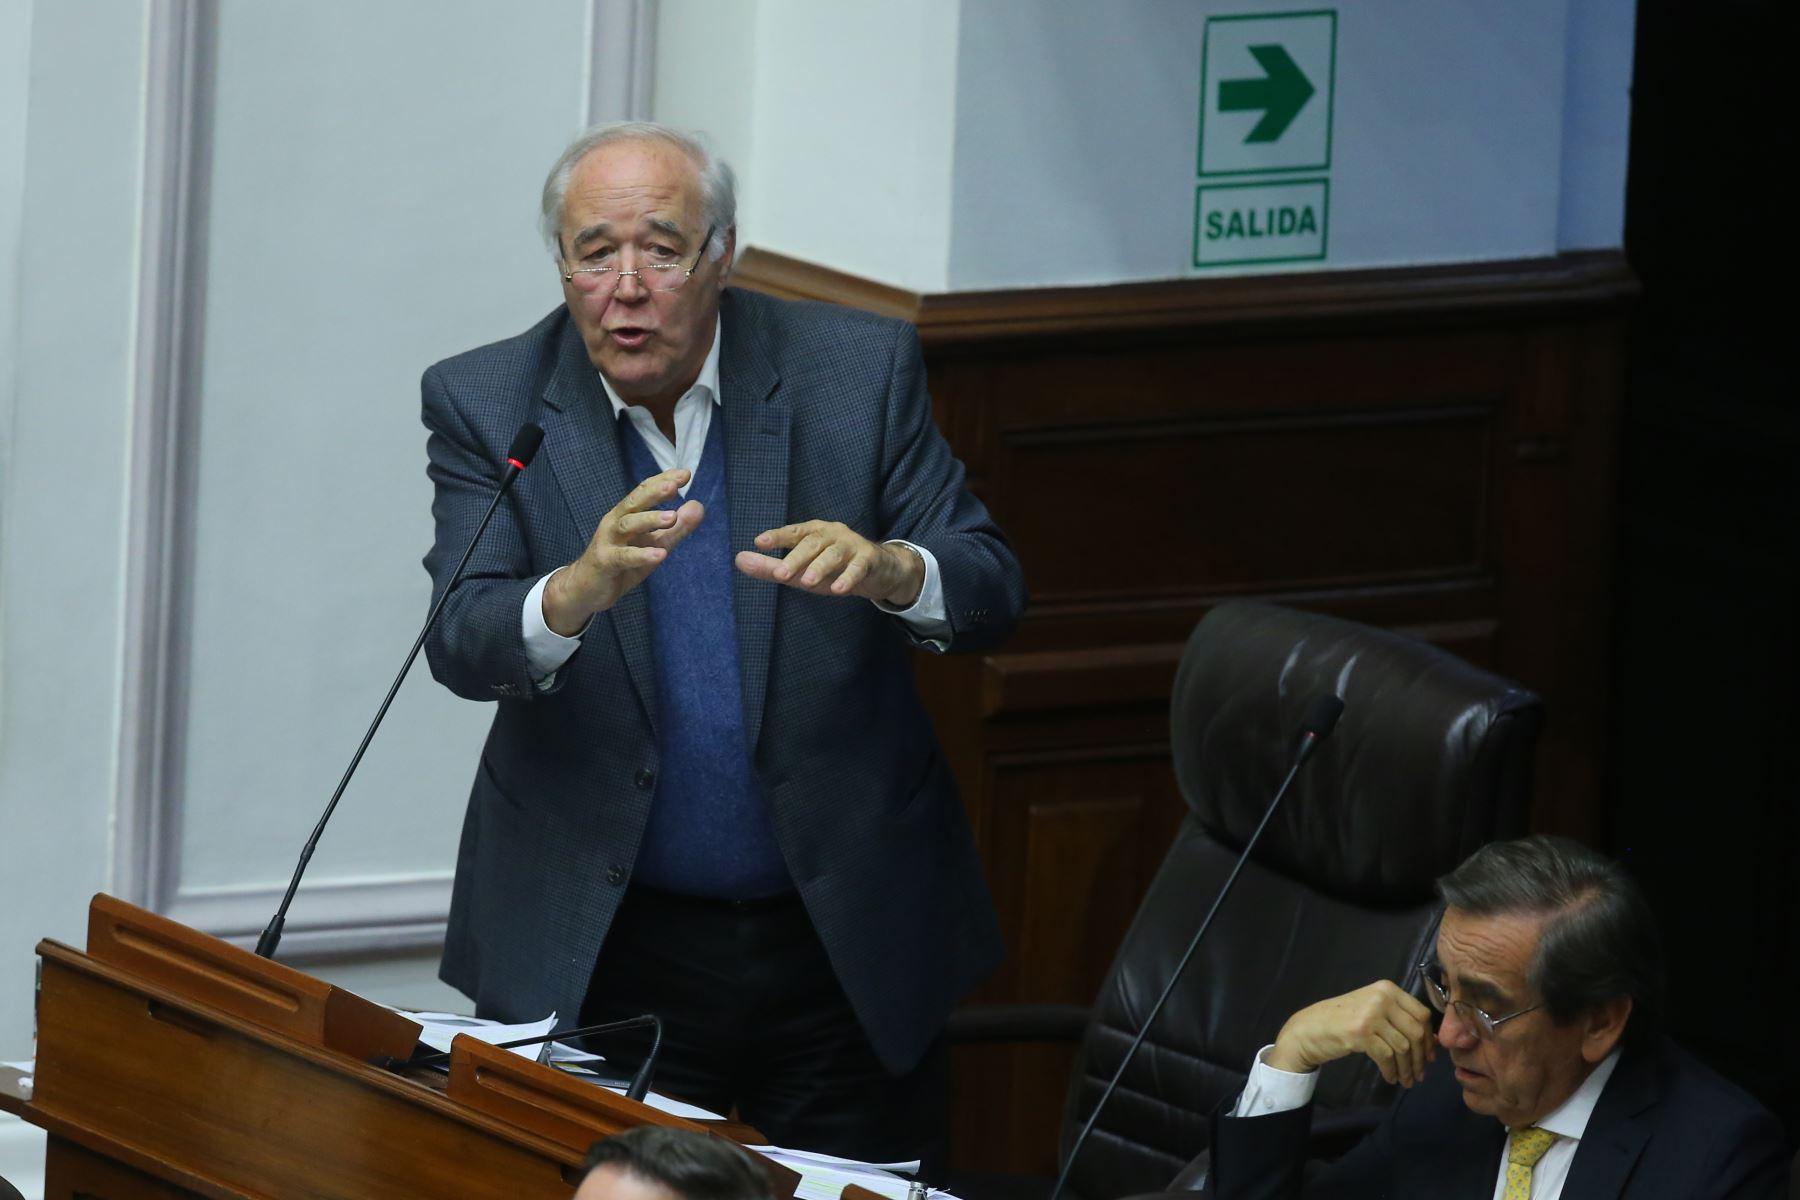 Congresista Victor Andrés Belaunde  interviene en el debate sobre la cuestión de confianza en el Congreso de la República. Foto: ANDINA/Vidal Tarqui